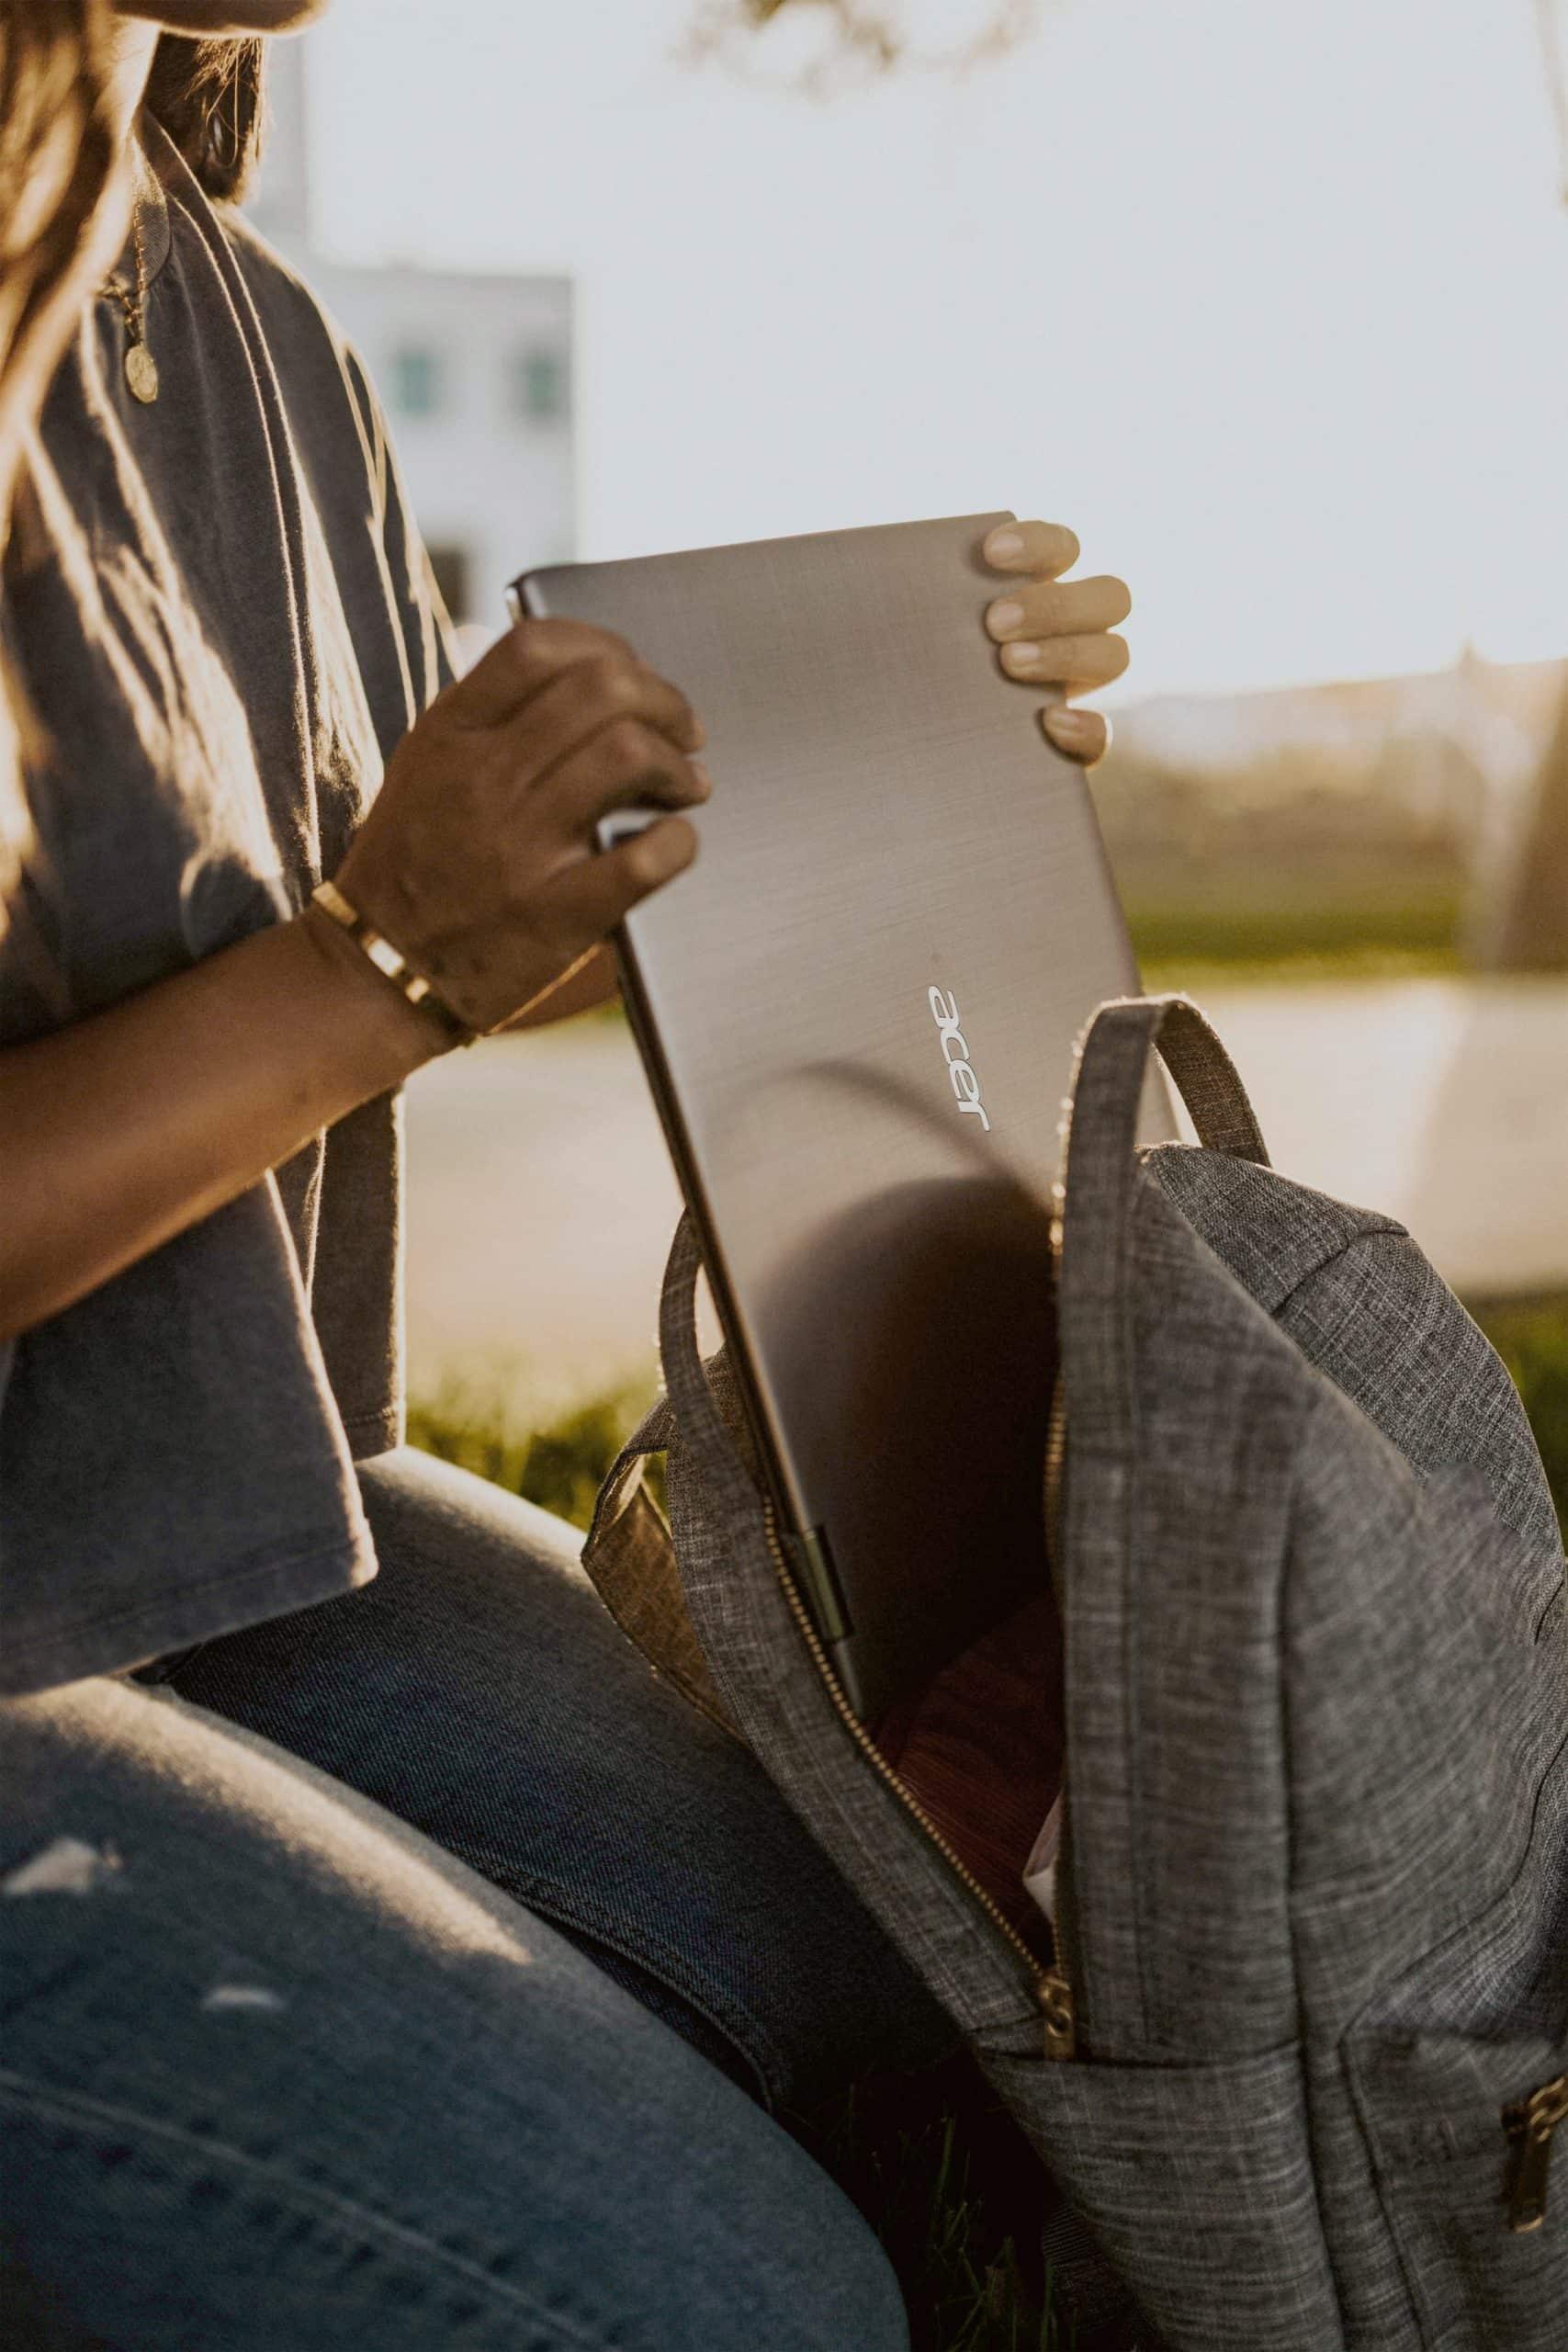 Ways Laptop Work Article Image